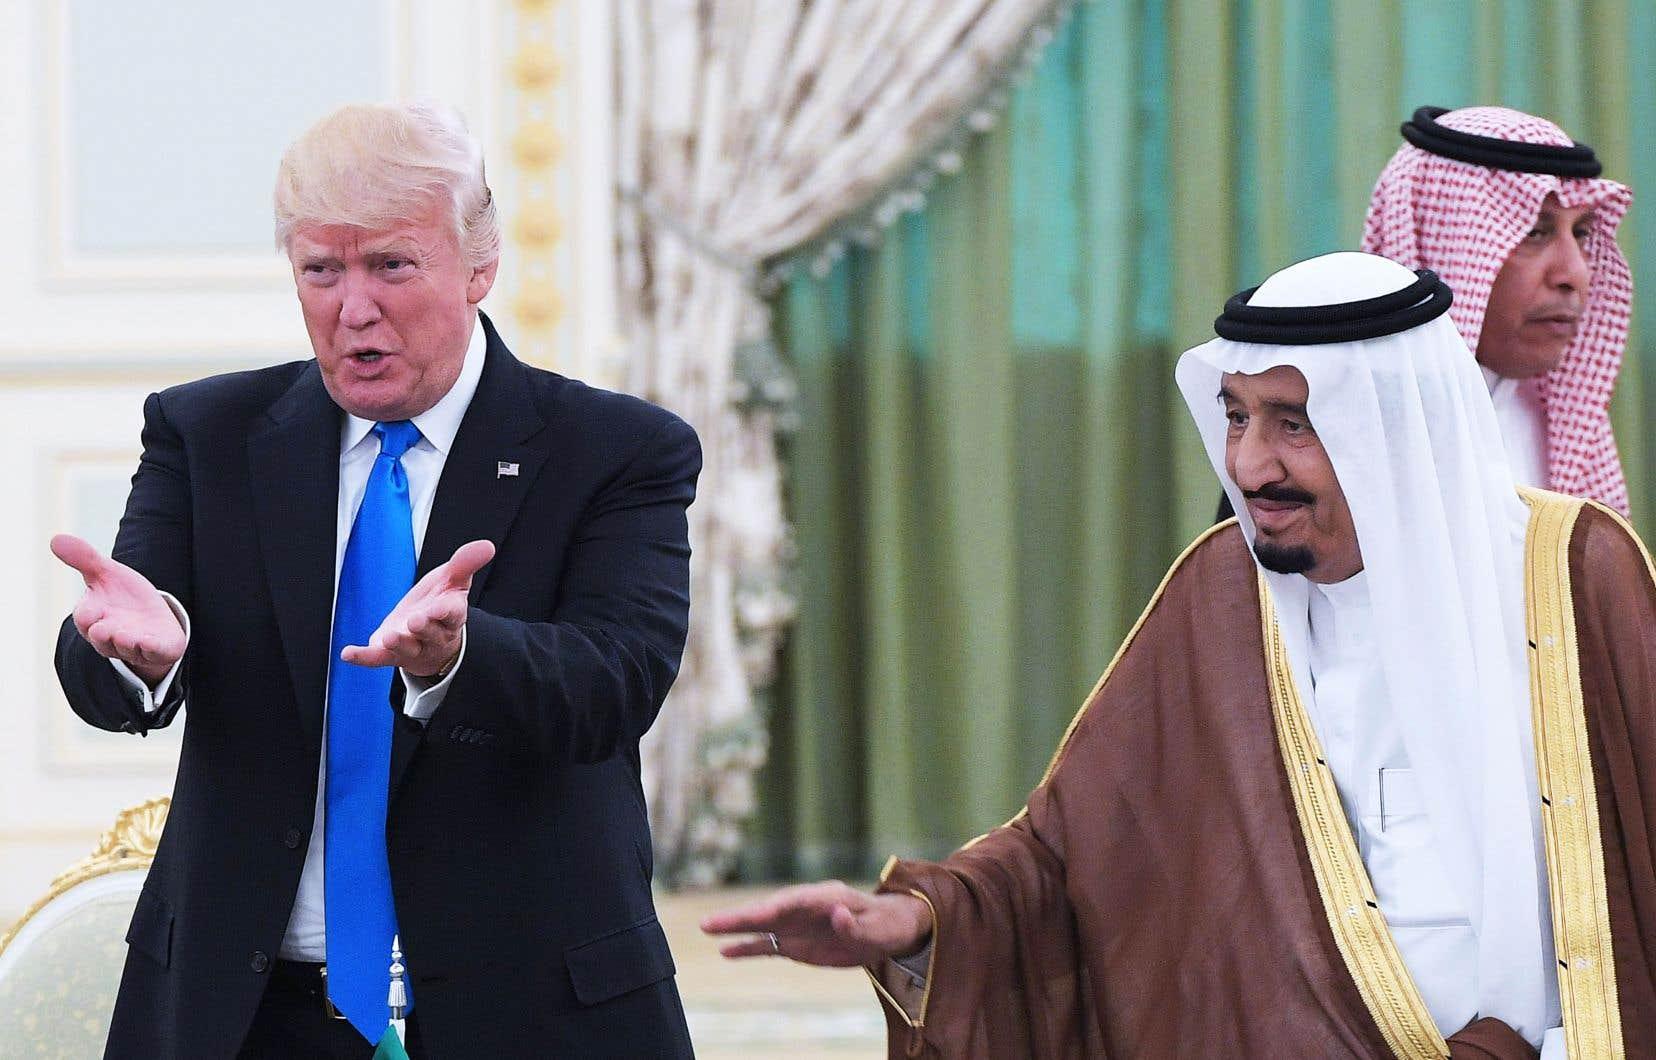 Le président américain, Donald Trump, et le roi Salmane ben Abdelaziz Al Saoud lors d'une rencontre le 20 mai 2017 à Riyad